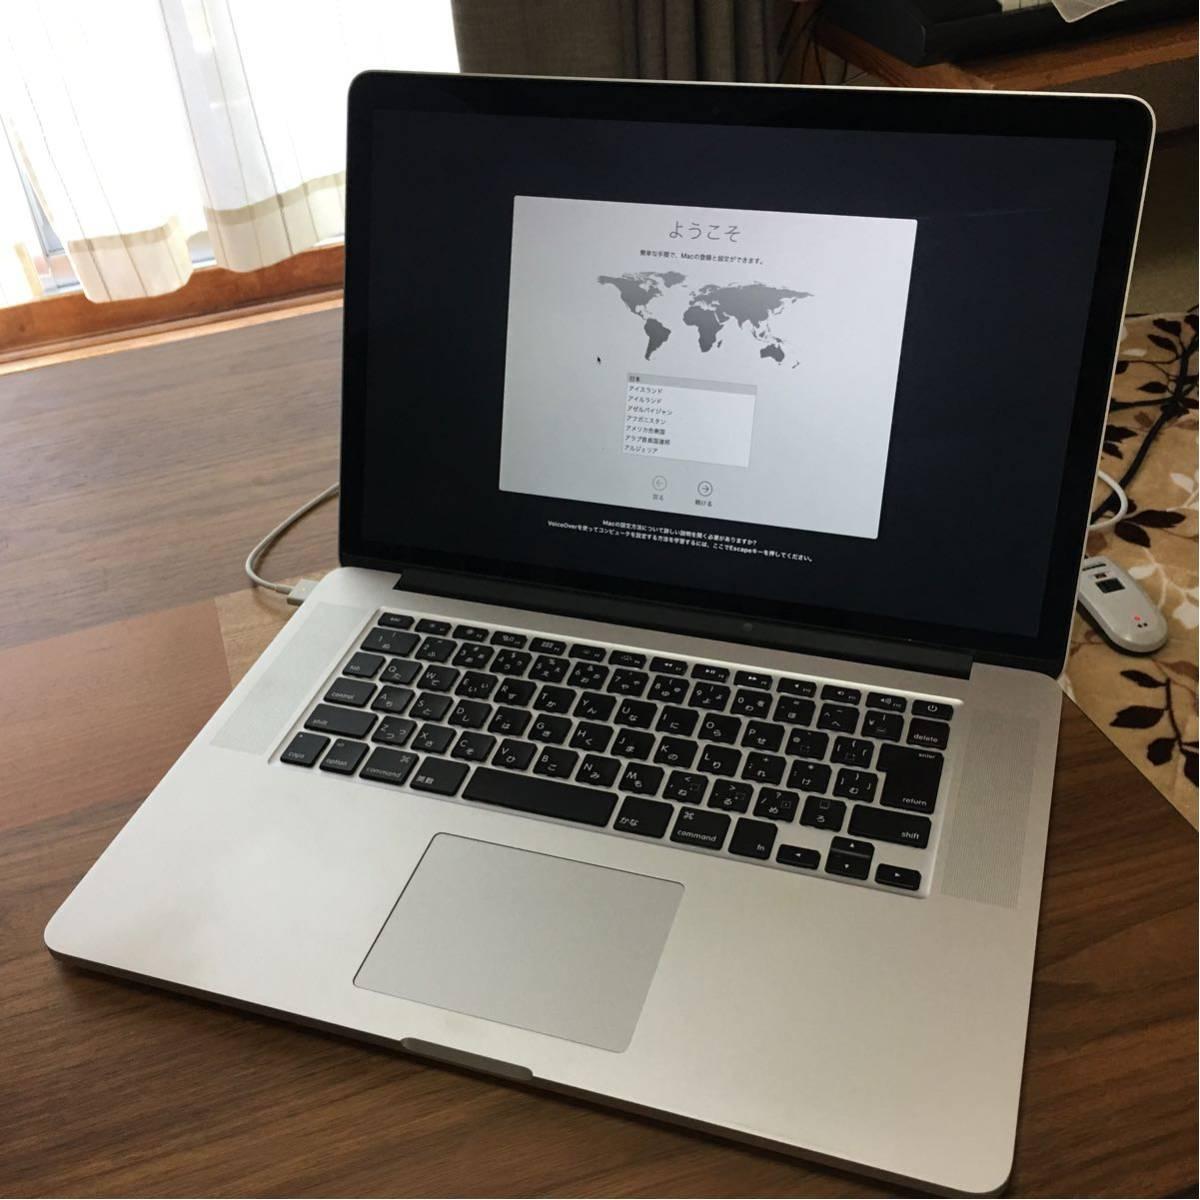 送料込 MacBook Pro retina 15inch mid2012 i7 2.3GHz SSD256GB 8GB